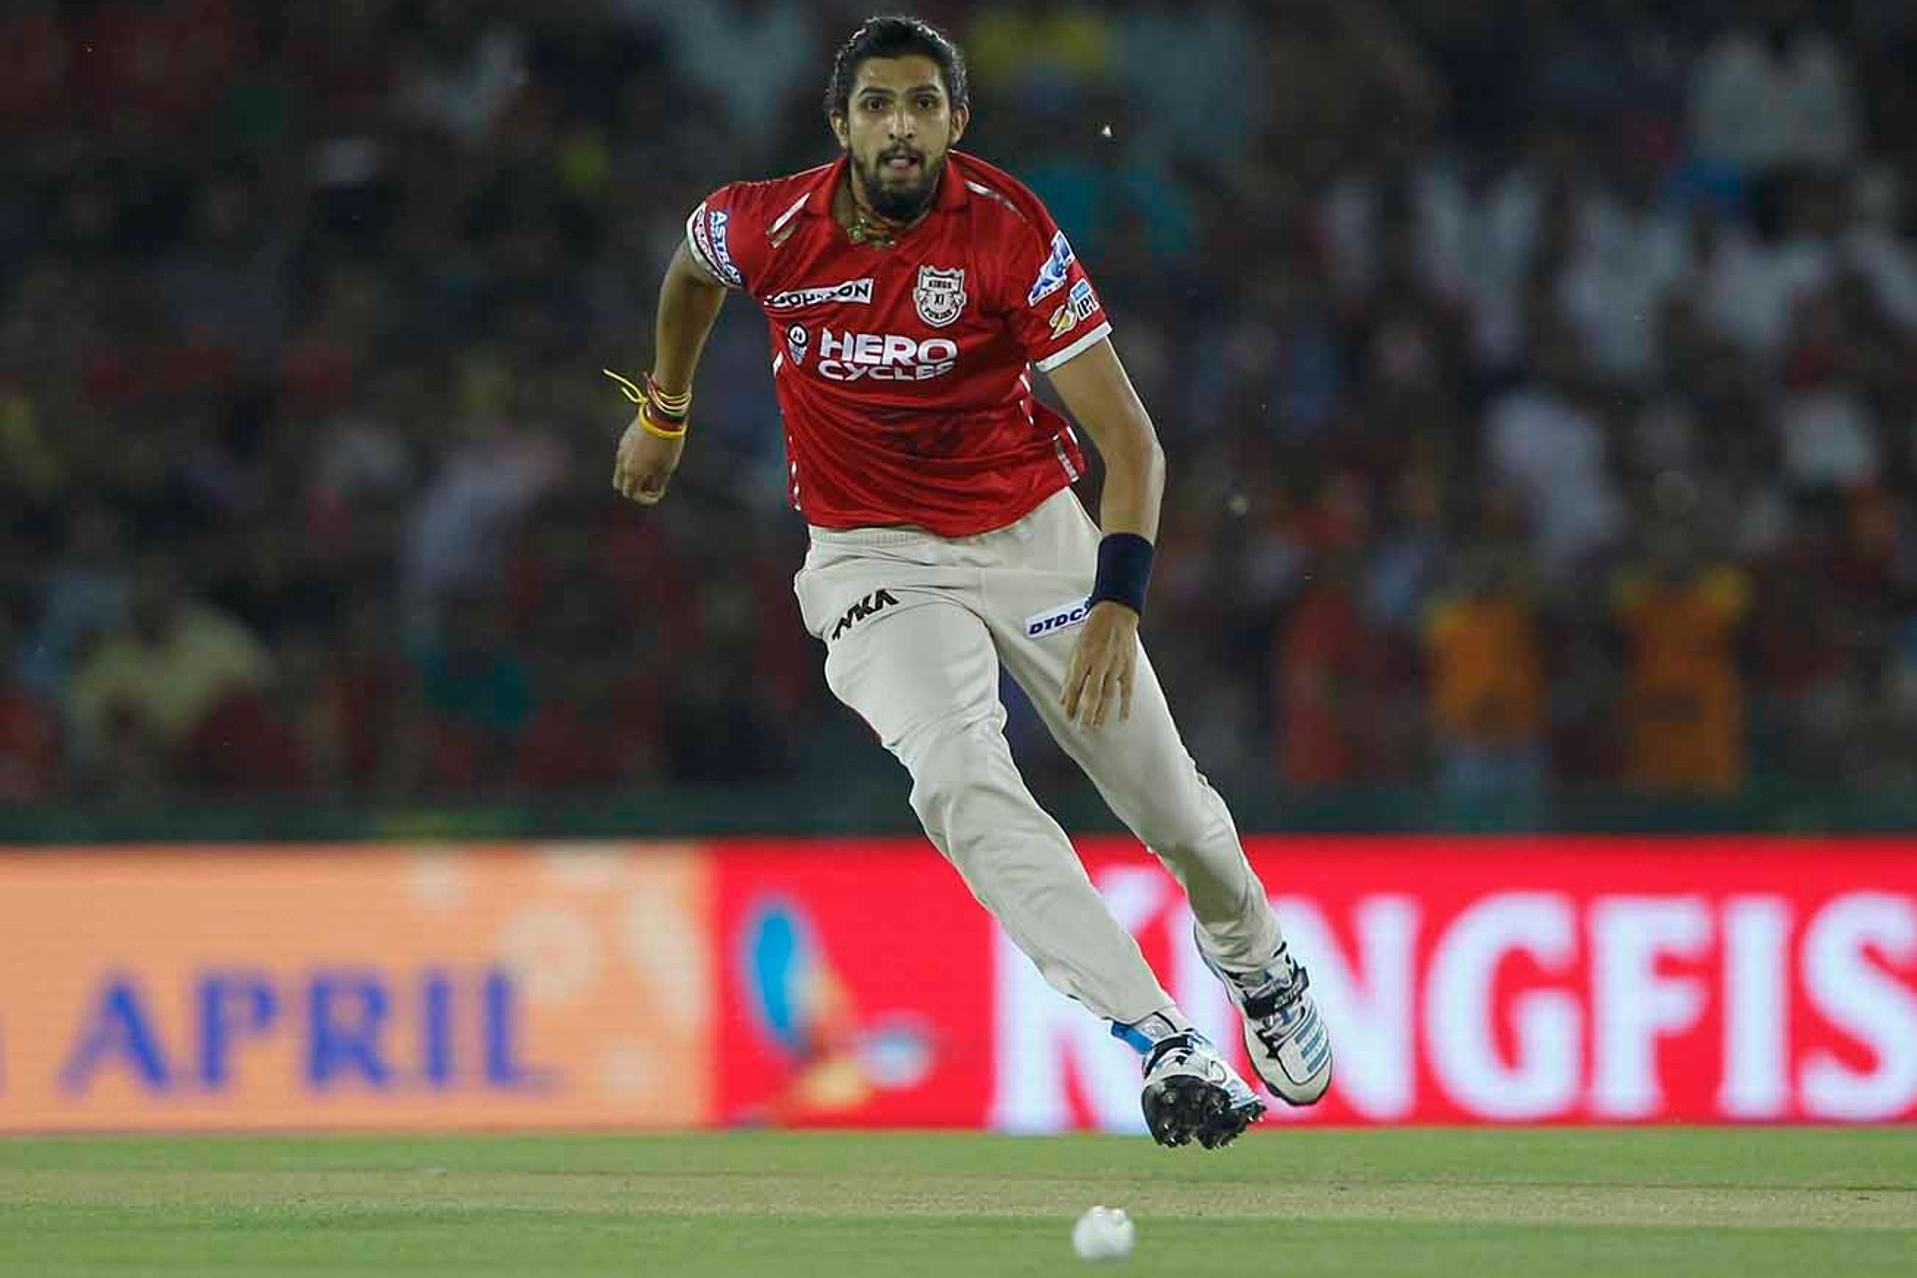 इन पांच कारणों की वजह से पंजाब को करना पड़ा हैदराबाद के खिलाफ करारी हार का सामना 1